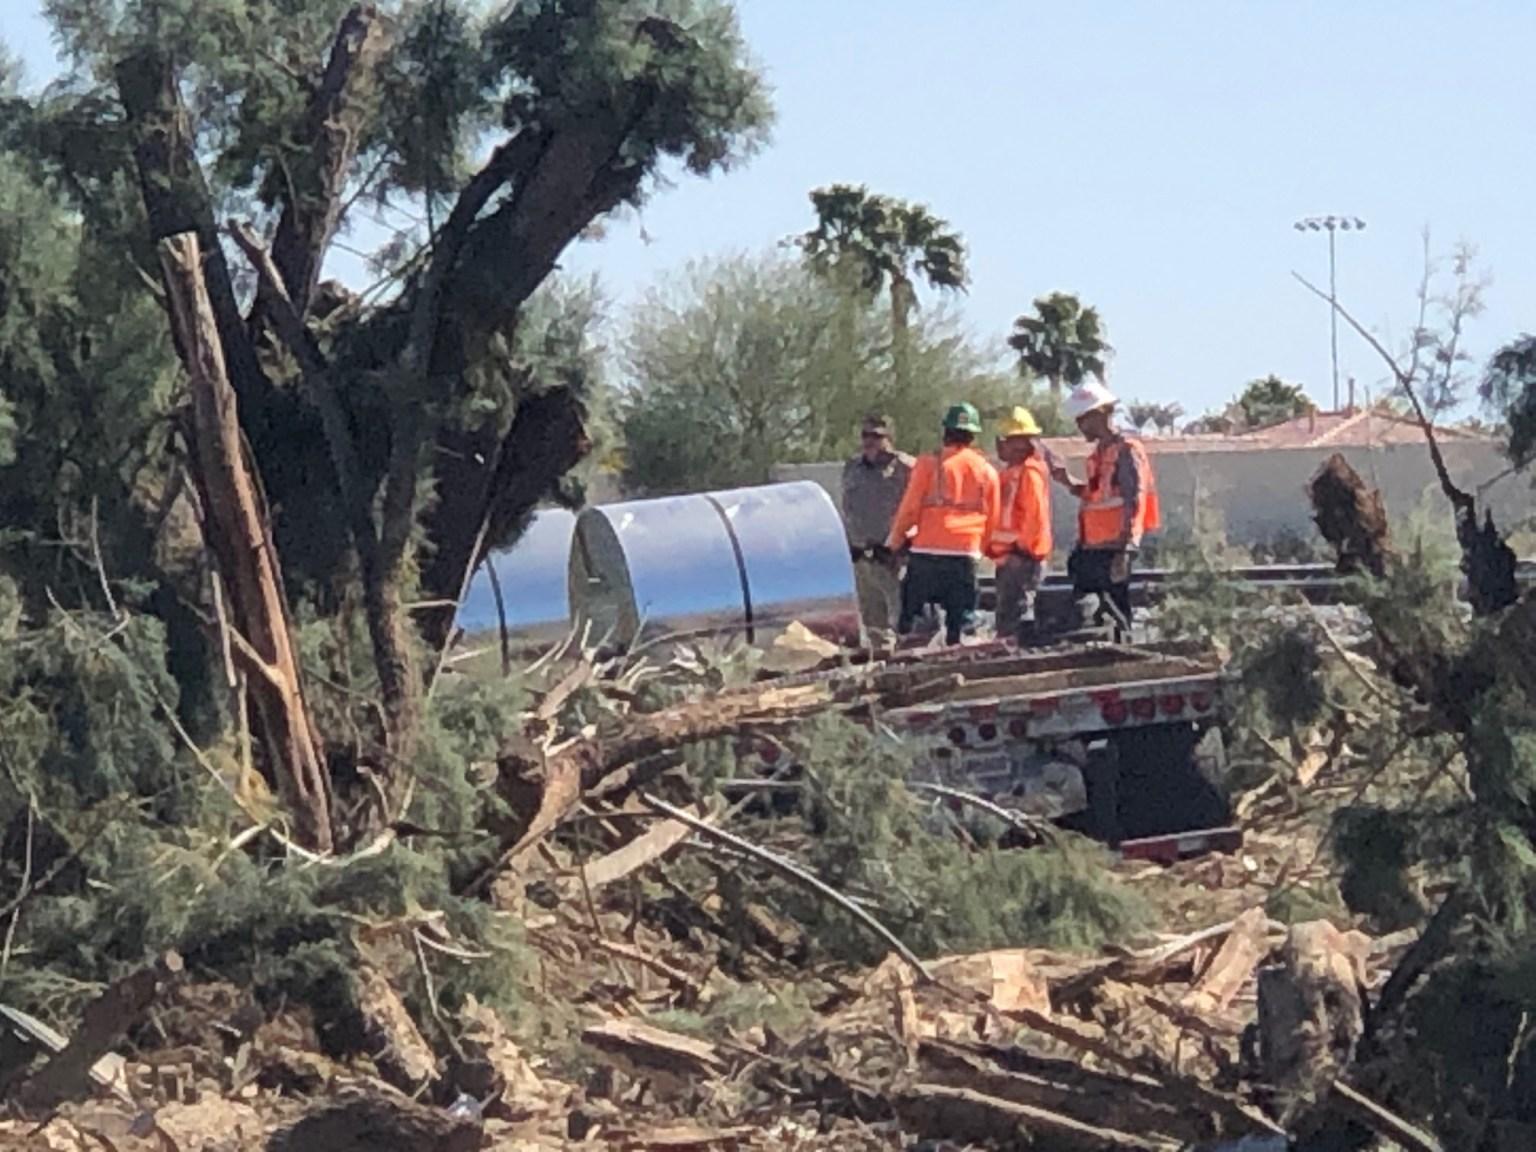 Flatbed Truck Swerves Off I-10 in Palm Desert; Destroys Trees, Spills Fuel